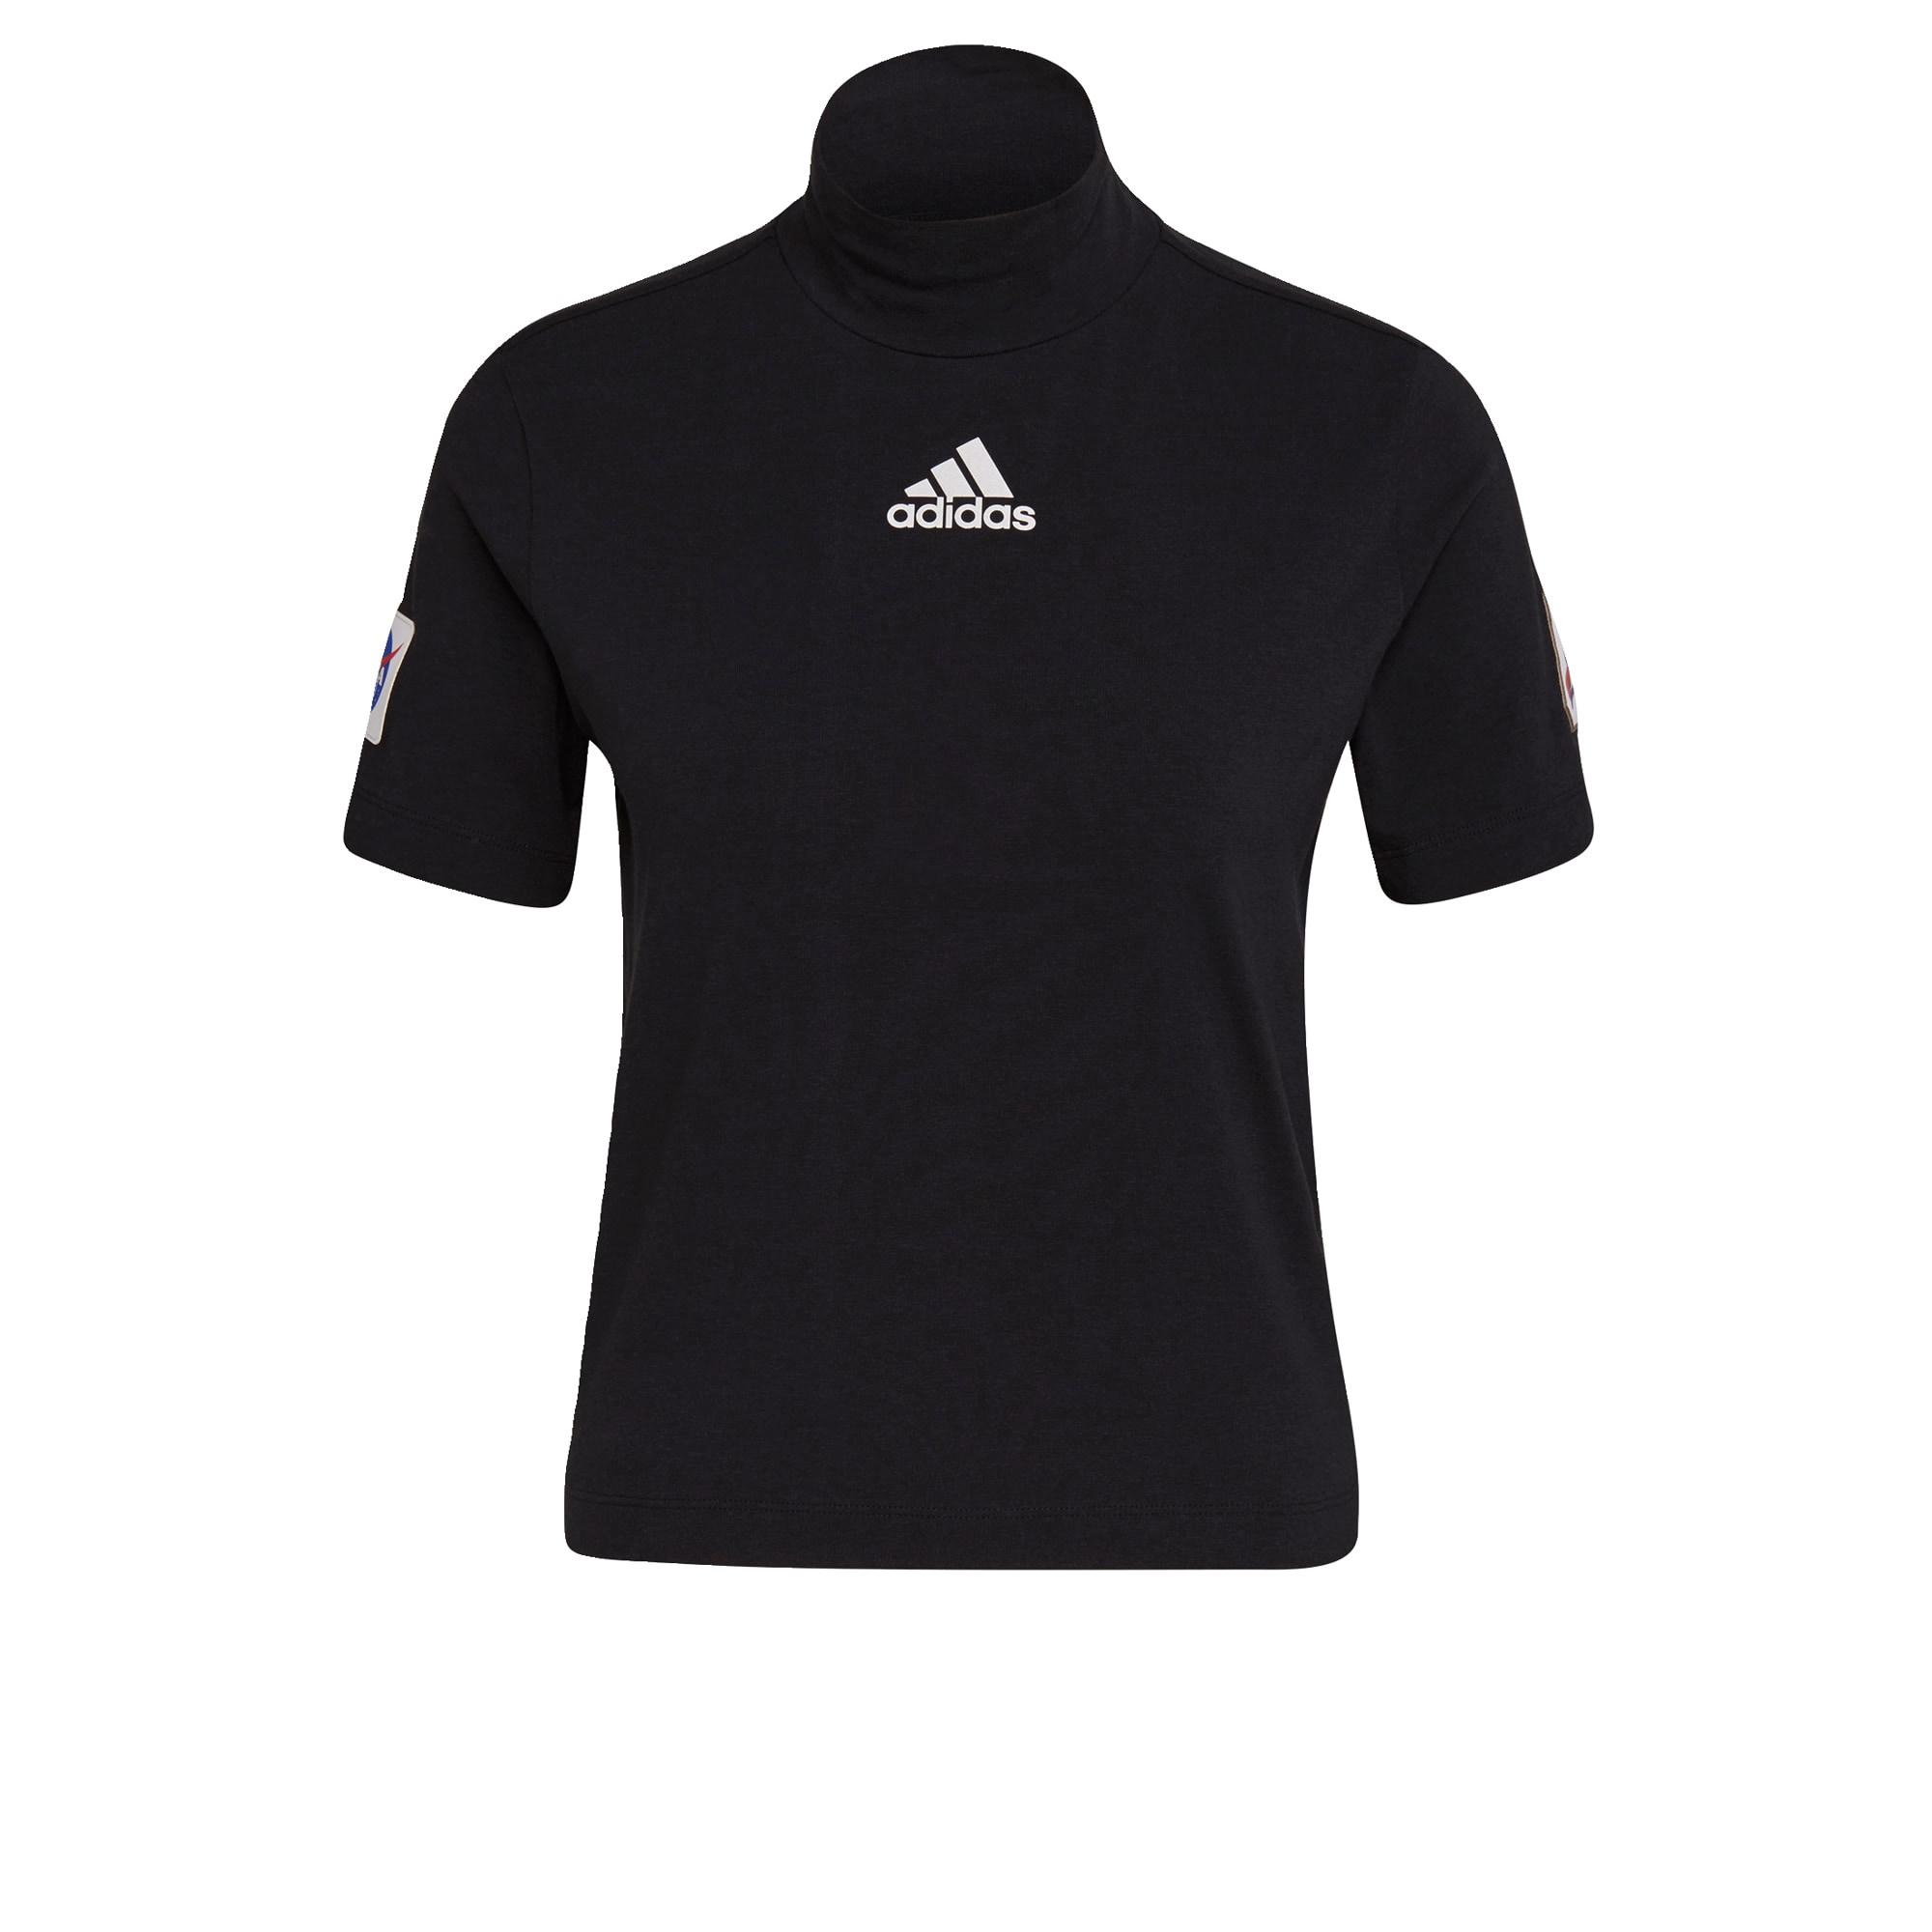 ADIDAS PERFORMANCE Sportiniai marškinėliai juoda / balta / mėlyna